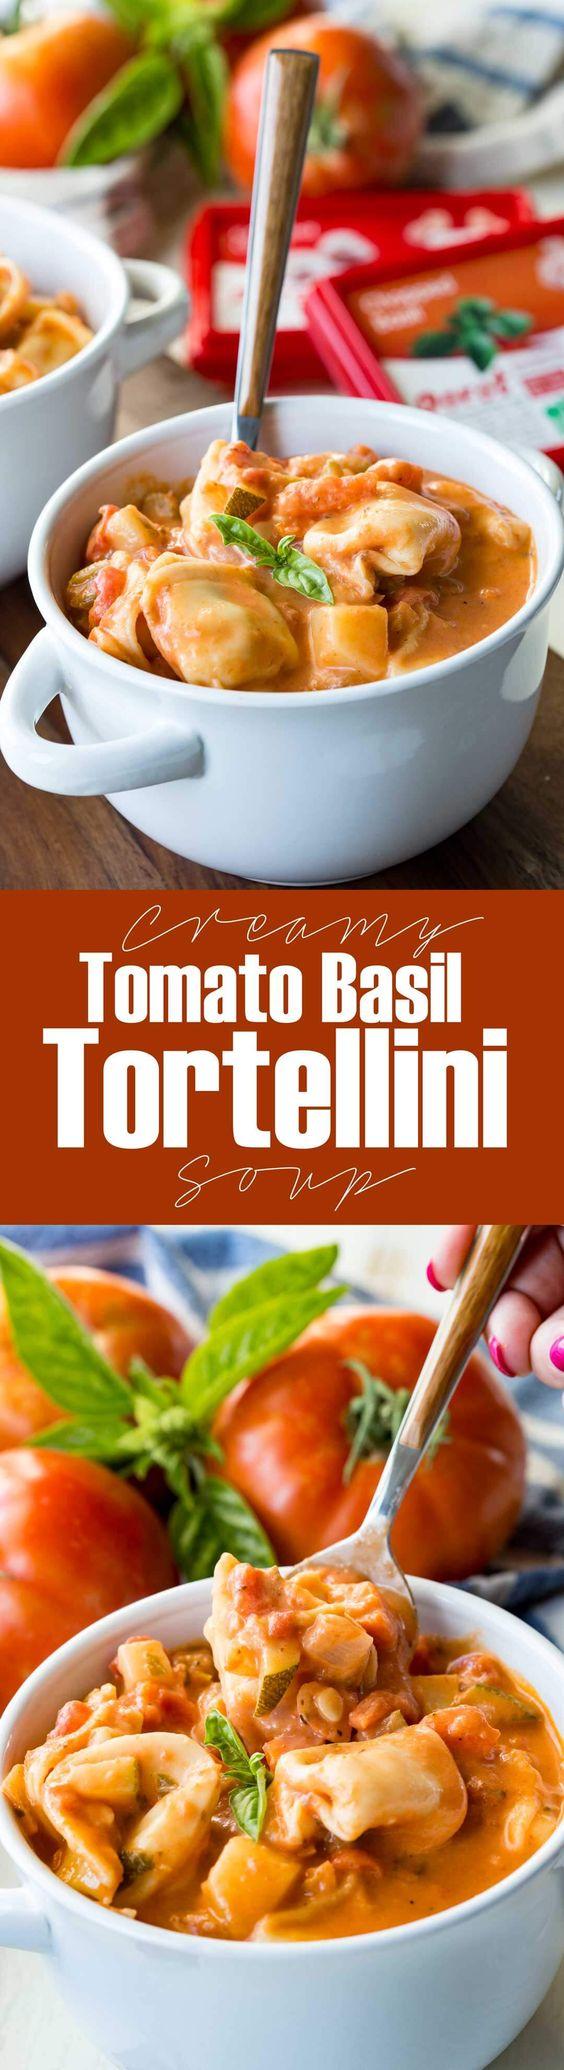 Creamy Tomato Basil Tortellini Soup - Eazy Peazy Mealz